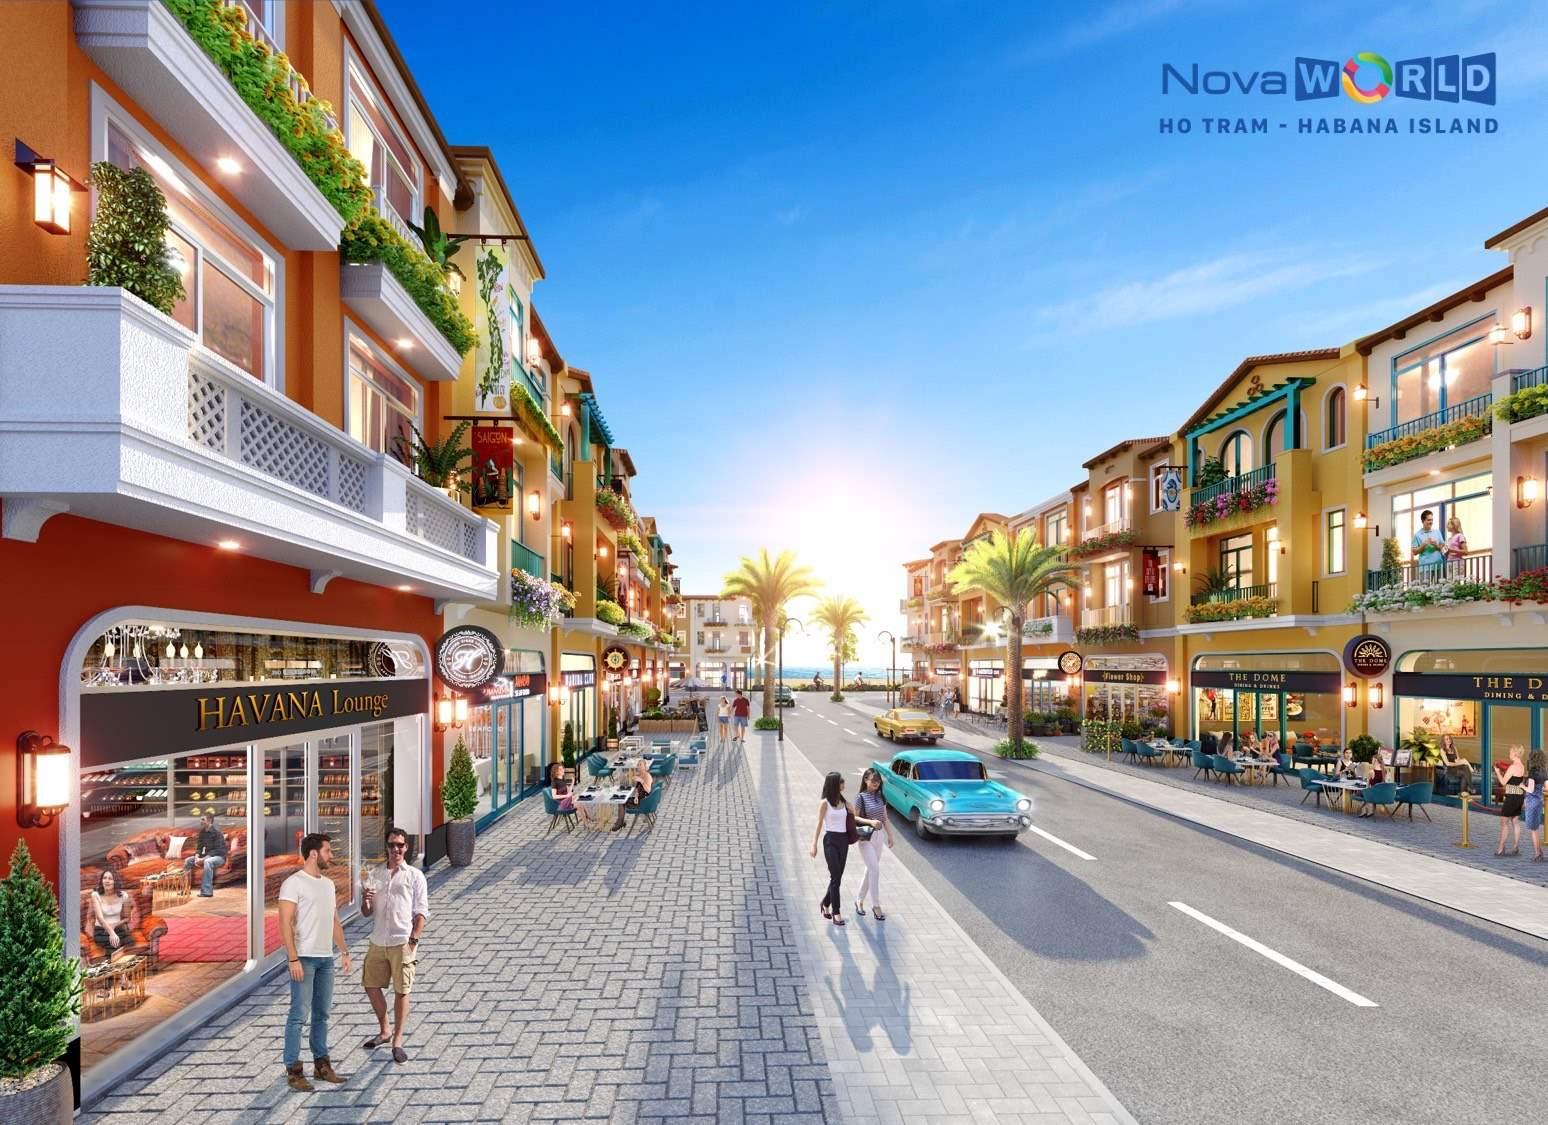 shophouse-thuong-mai-dang-cap-Habana-Island-NovaWorld-Ho-Tram-phan-ky-4-Novaland